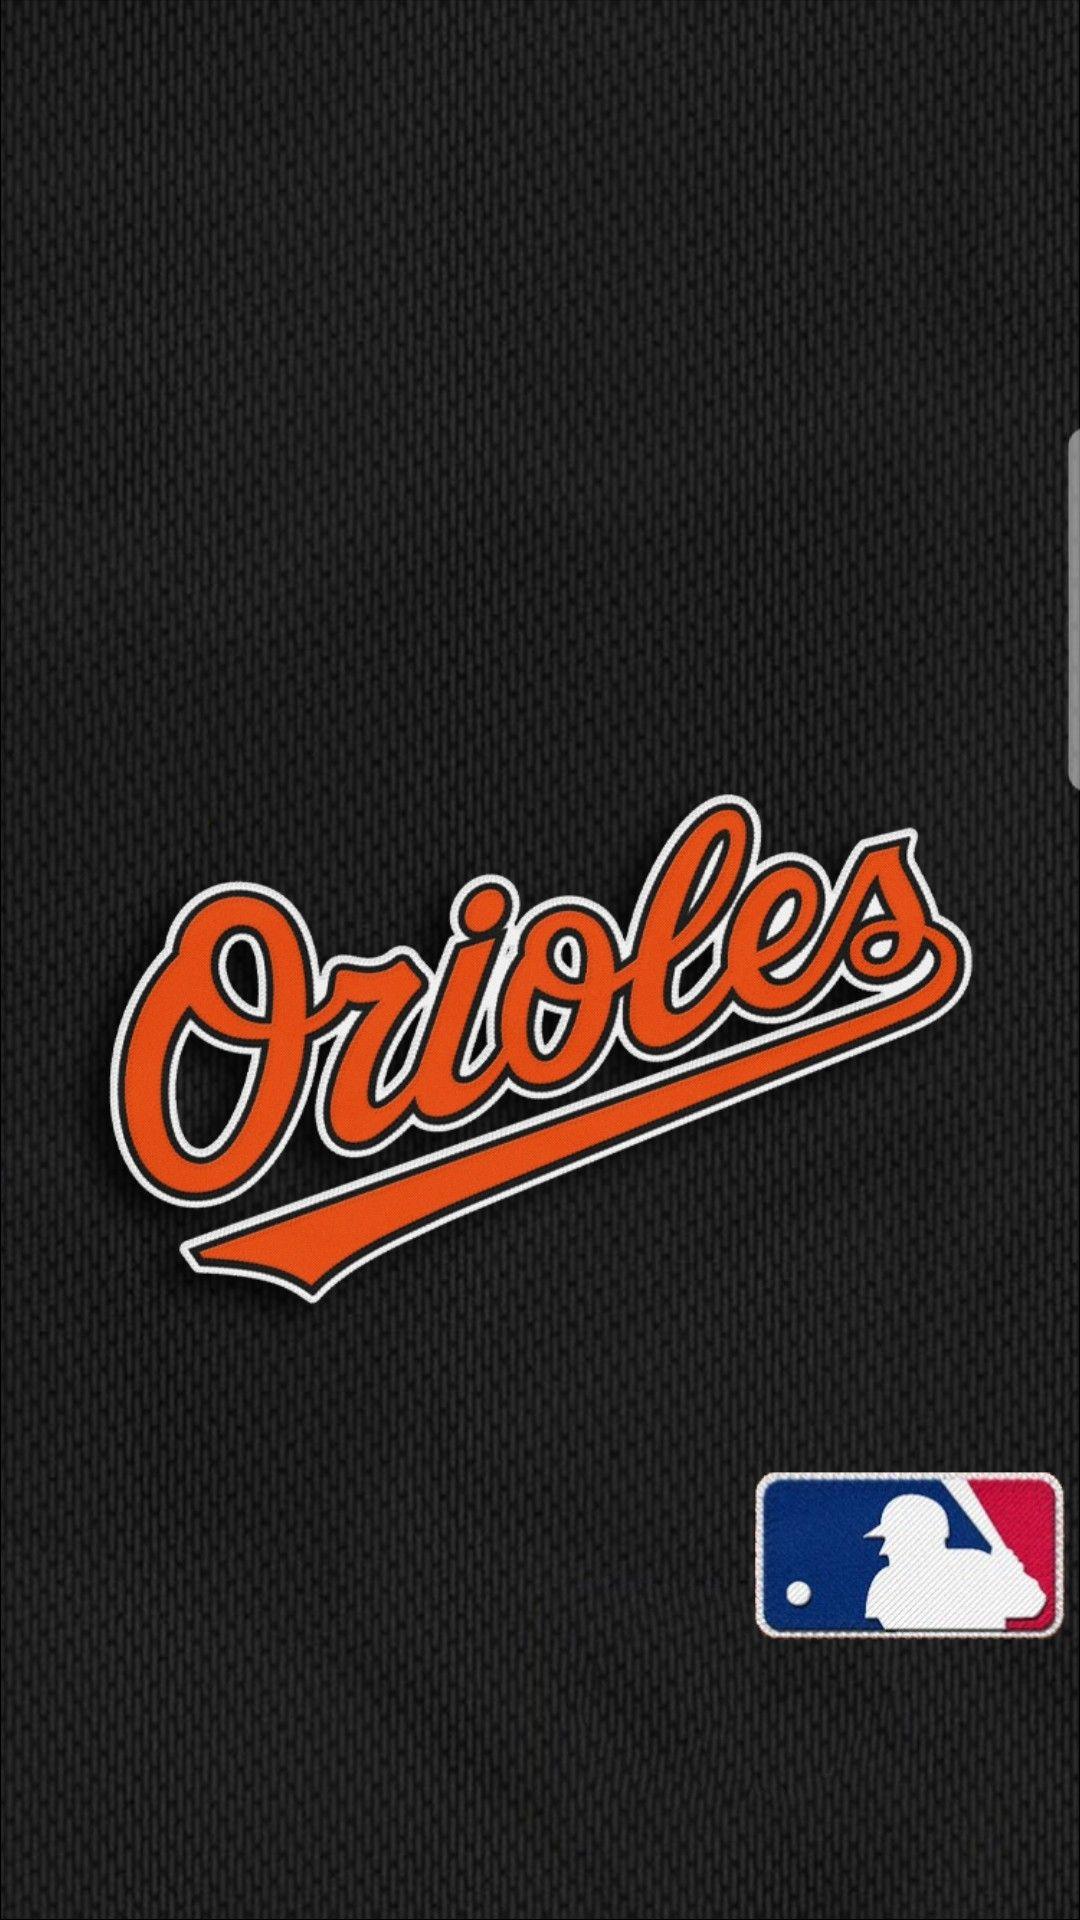 Pin By Neil Lovelock On Sportz Wallpaperz Orioles Logo Baltimore Orioles Mlb Wallpaper